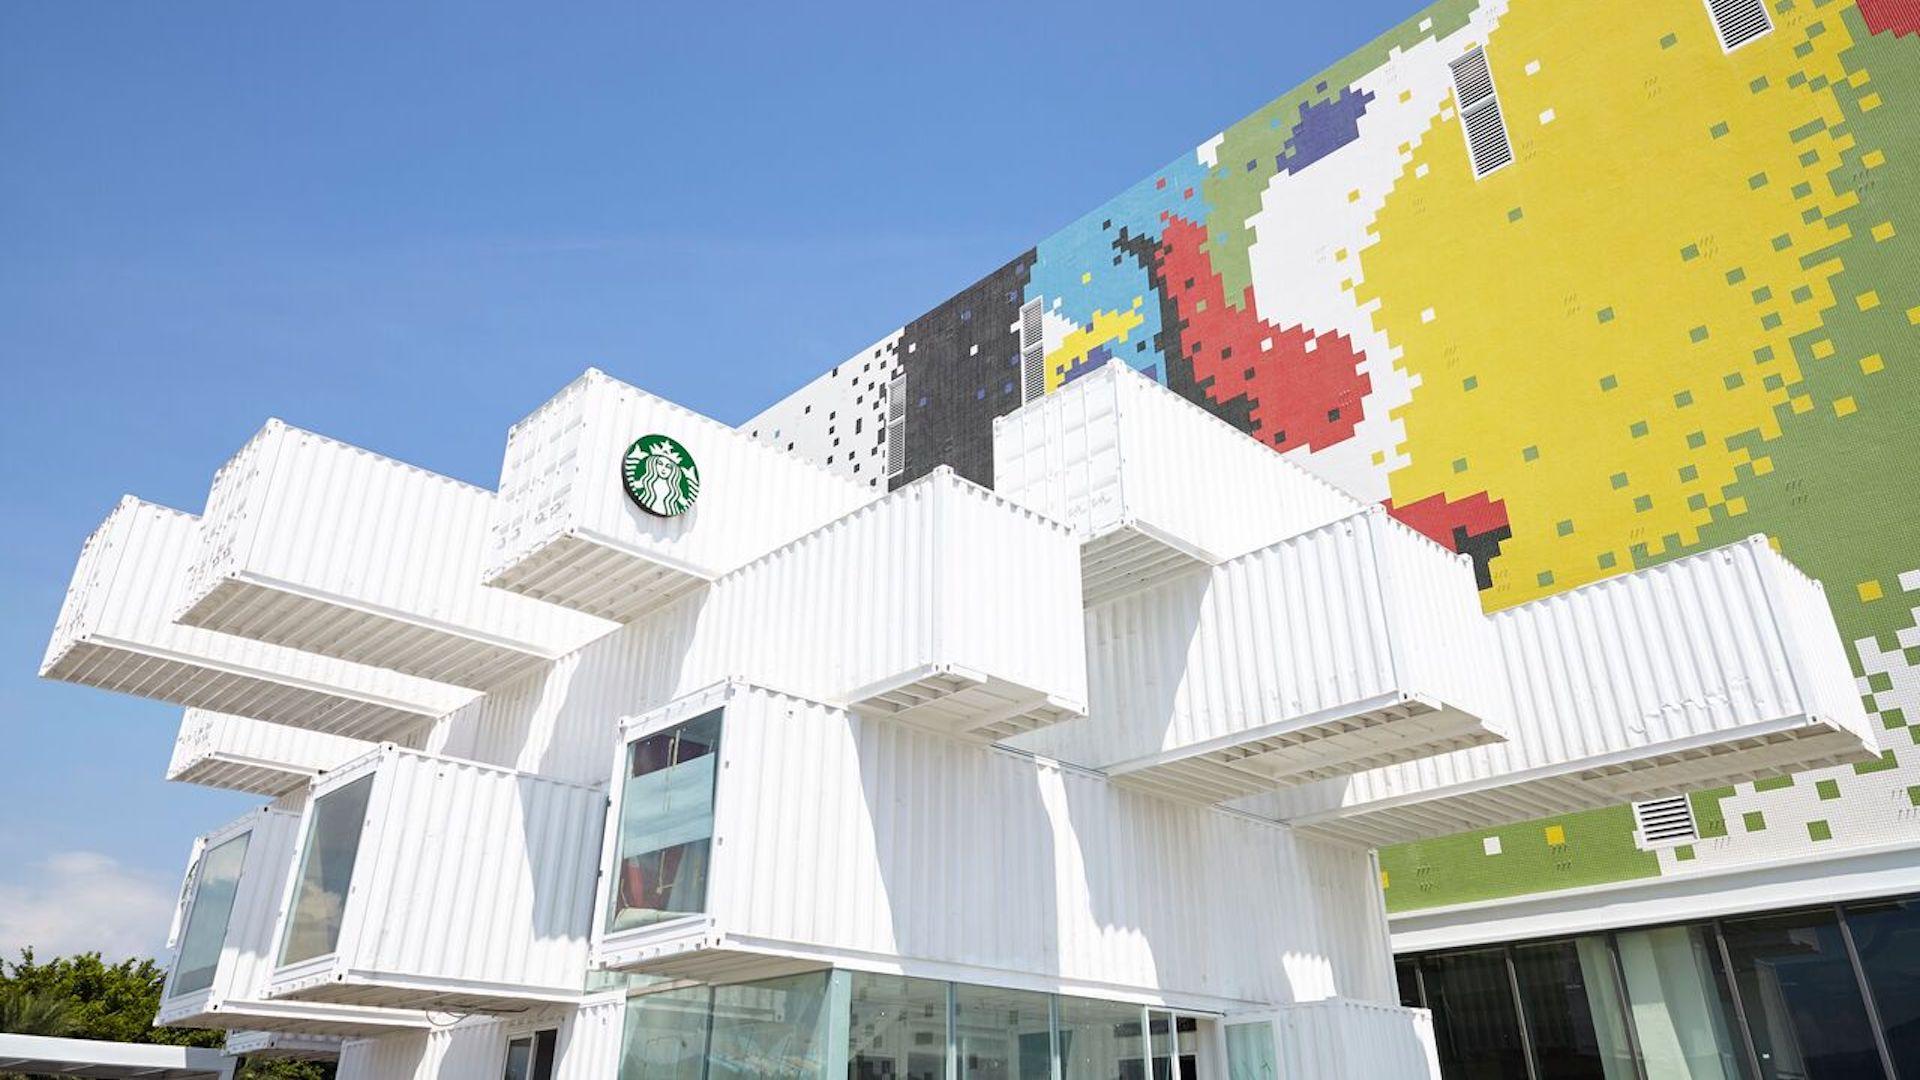 La nueva tienda de Starbucks construida con contenedores de carga: imágenes